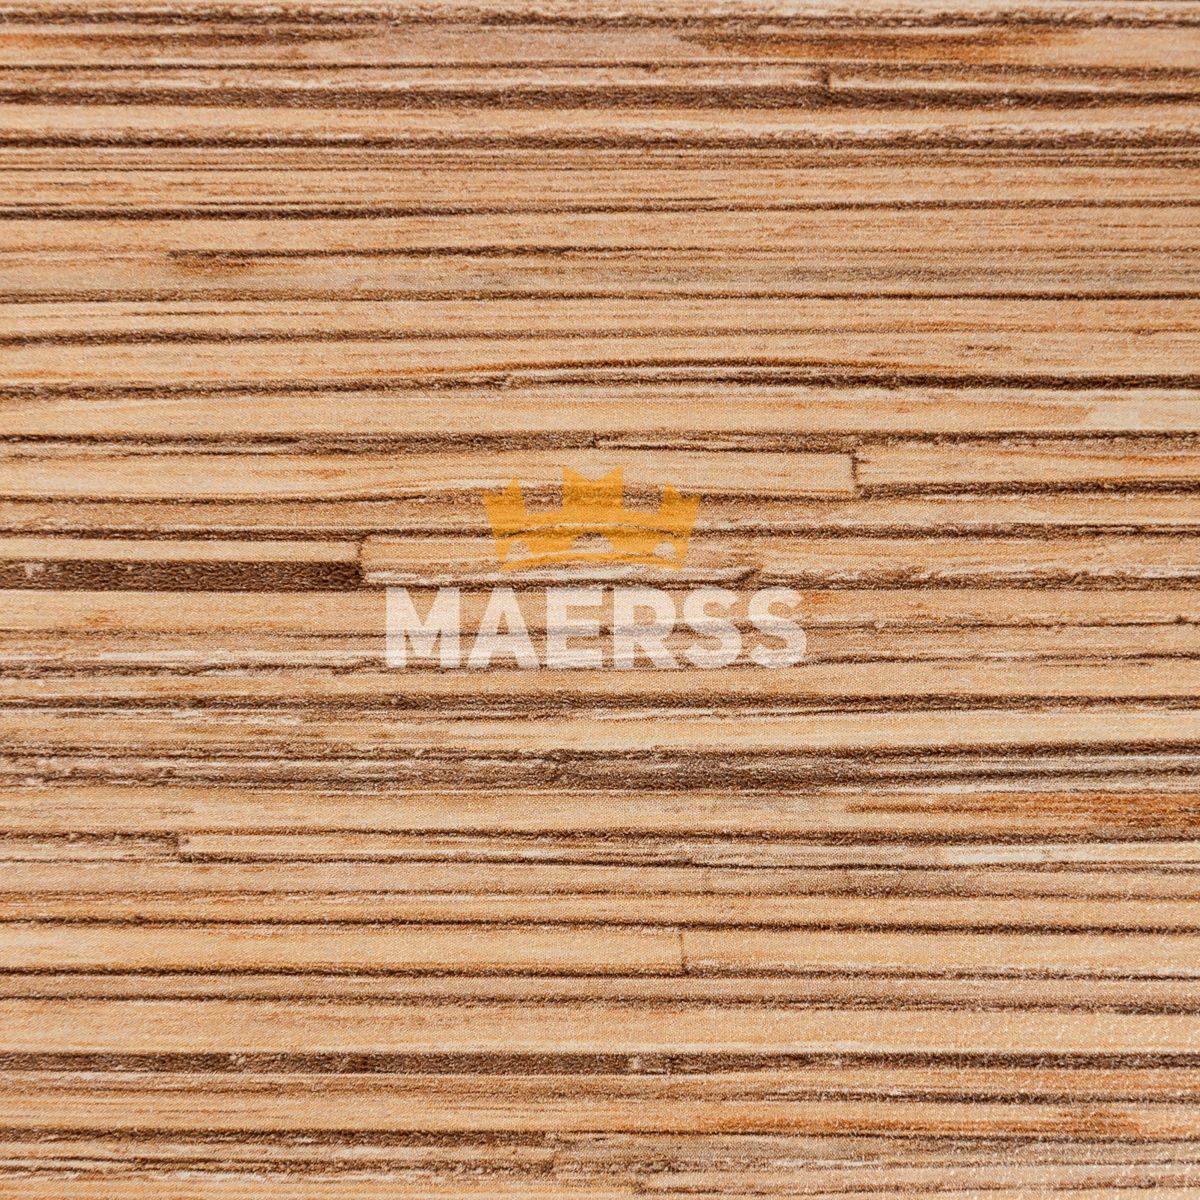 Столешница матовая 3521/S 1гр. Тростник Морской ДСП / Пластик купить в интернет-магазине МАЕРСС